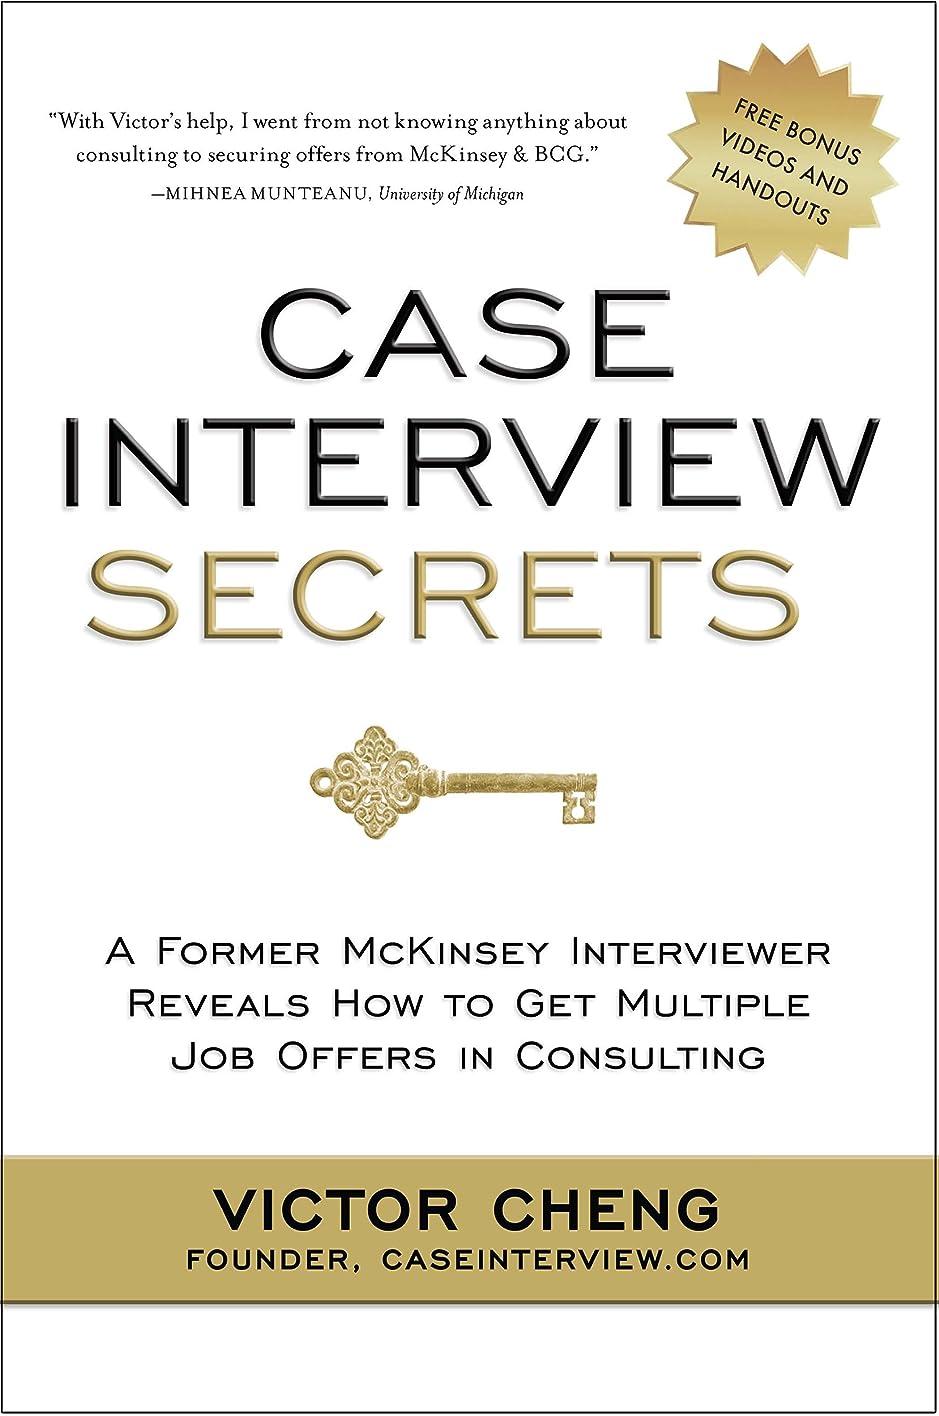 増加する確かに送料Case Interview Secrets: A Former McKinsey Interviewer Reveals How to Get Multiple Job Offers in Consulting (English Edition)